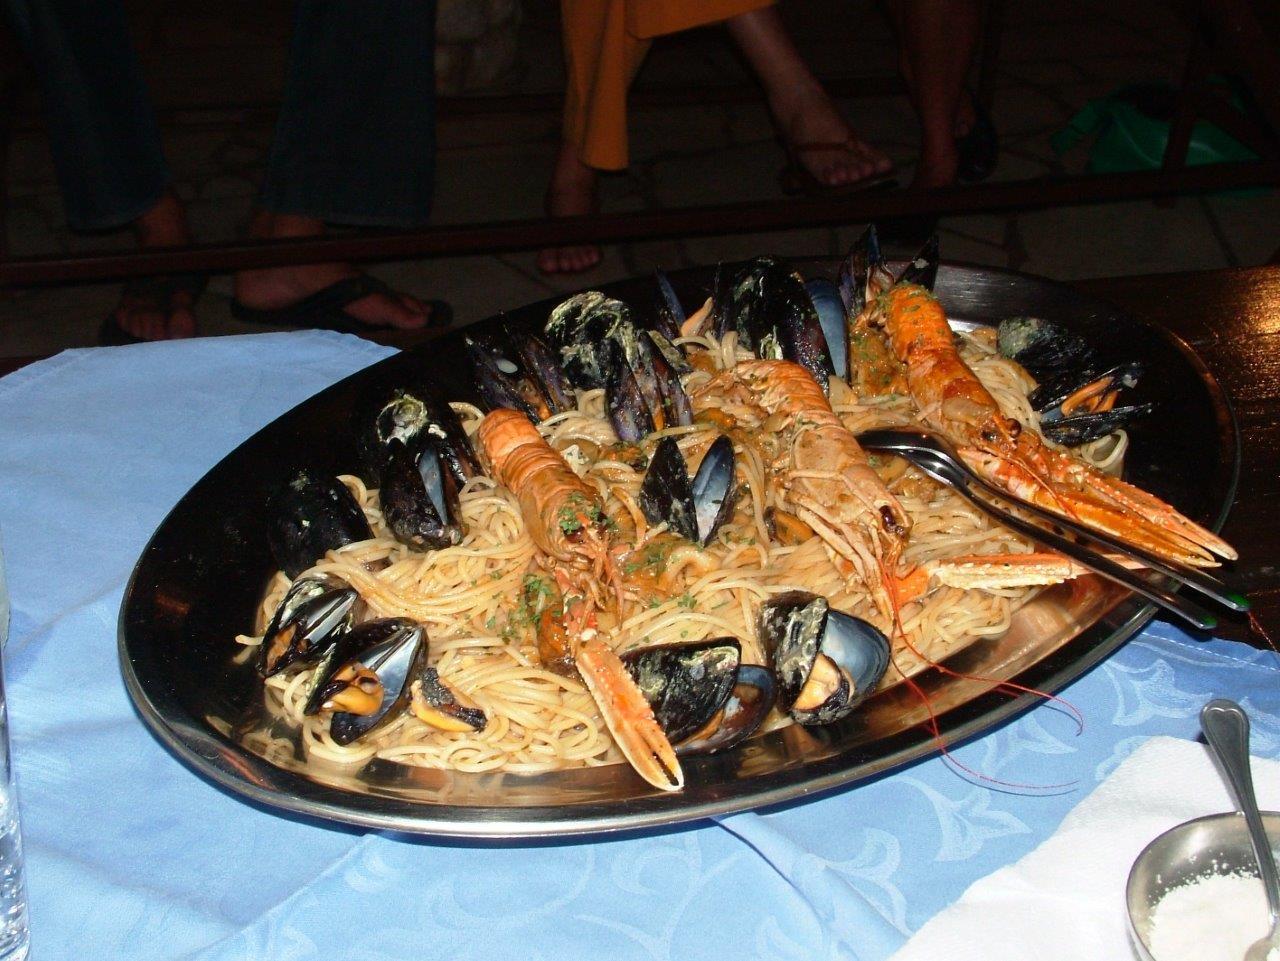 Croatian traditional sea food.